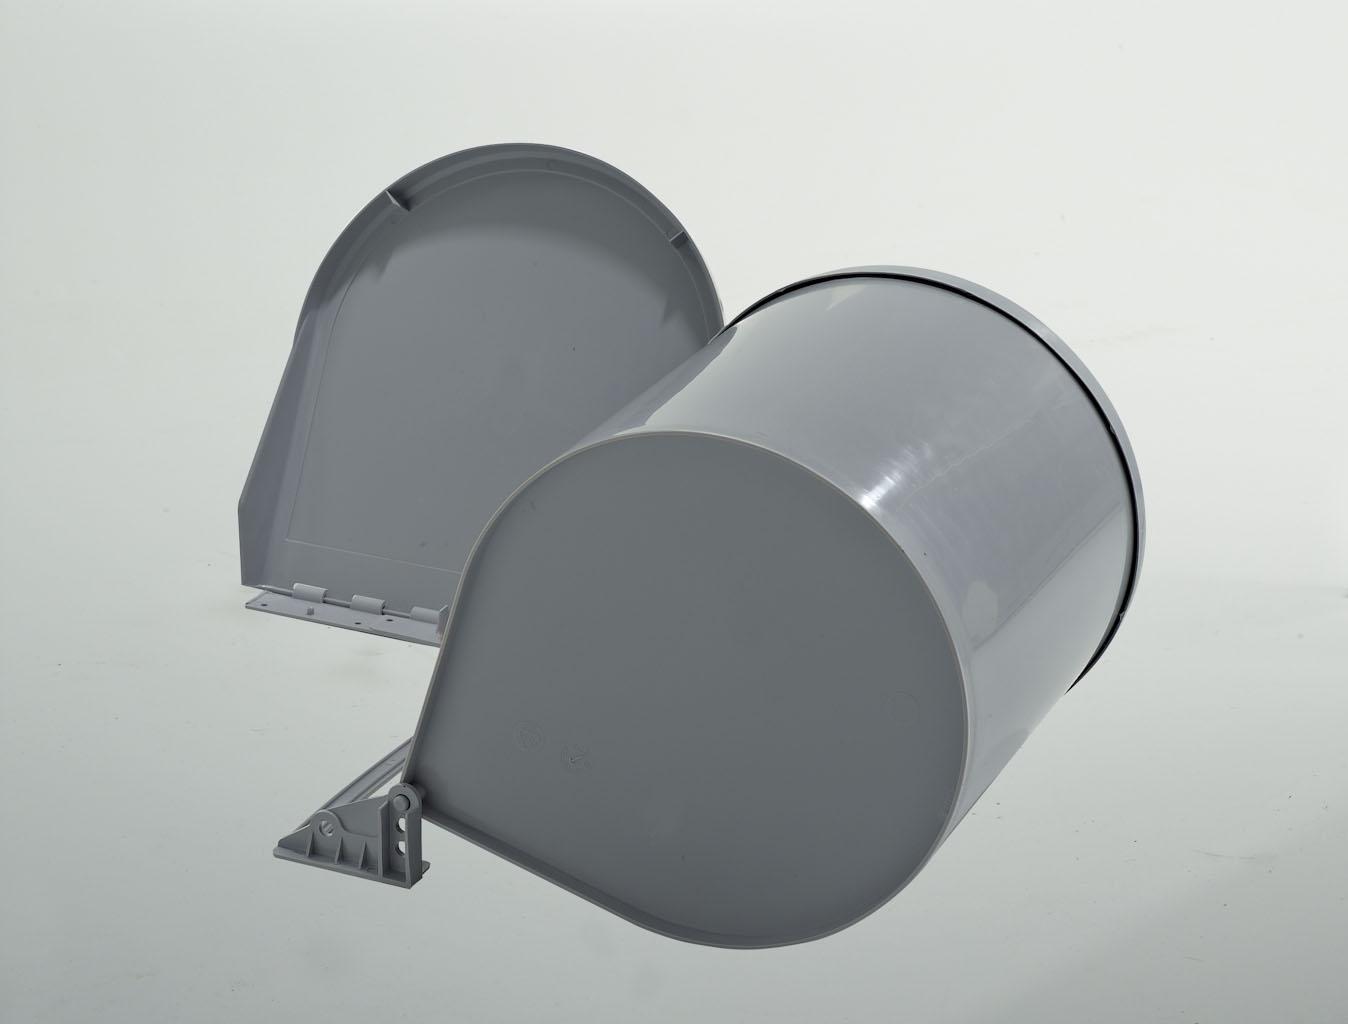 Ведро для мусора RING 10л открывается тросиком(265x320мм) на секцию от 400мм, нерж.сталь+пластик